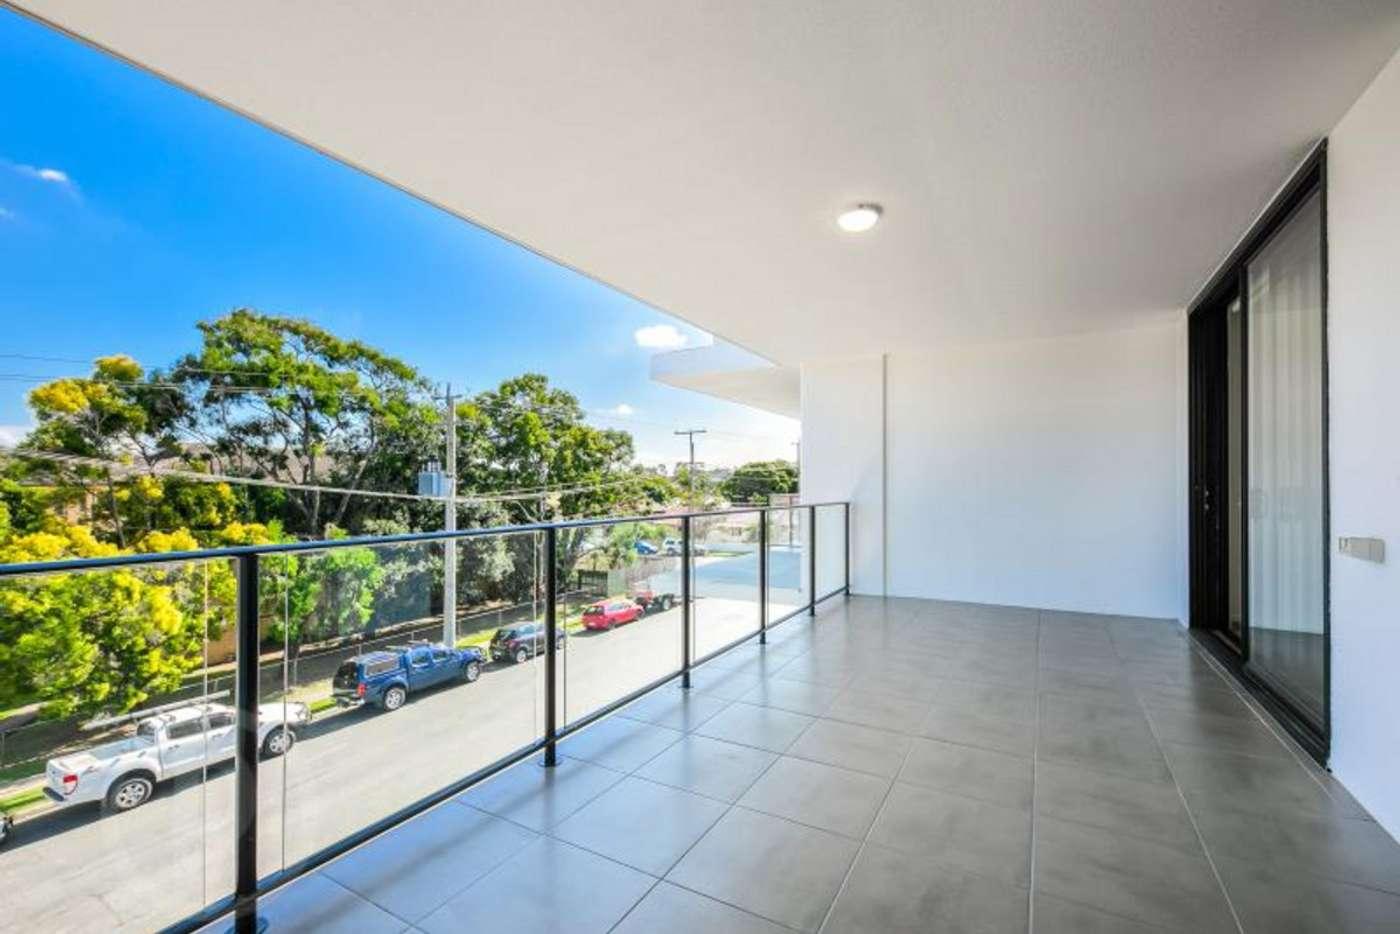 Main view of Homely house listing, 305/27-33 Nundah Street, Nundah QLD 4012